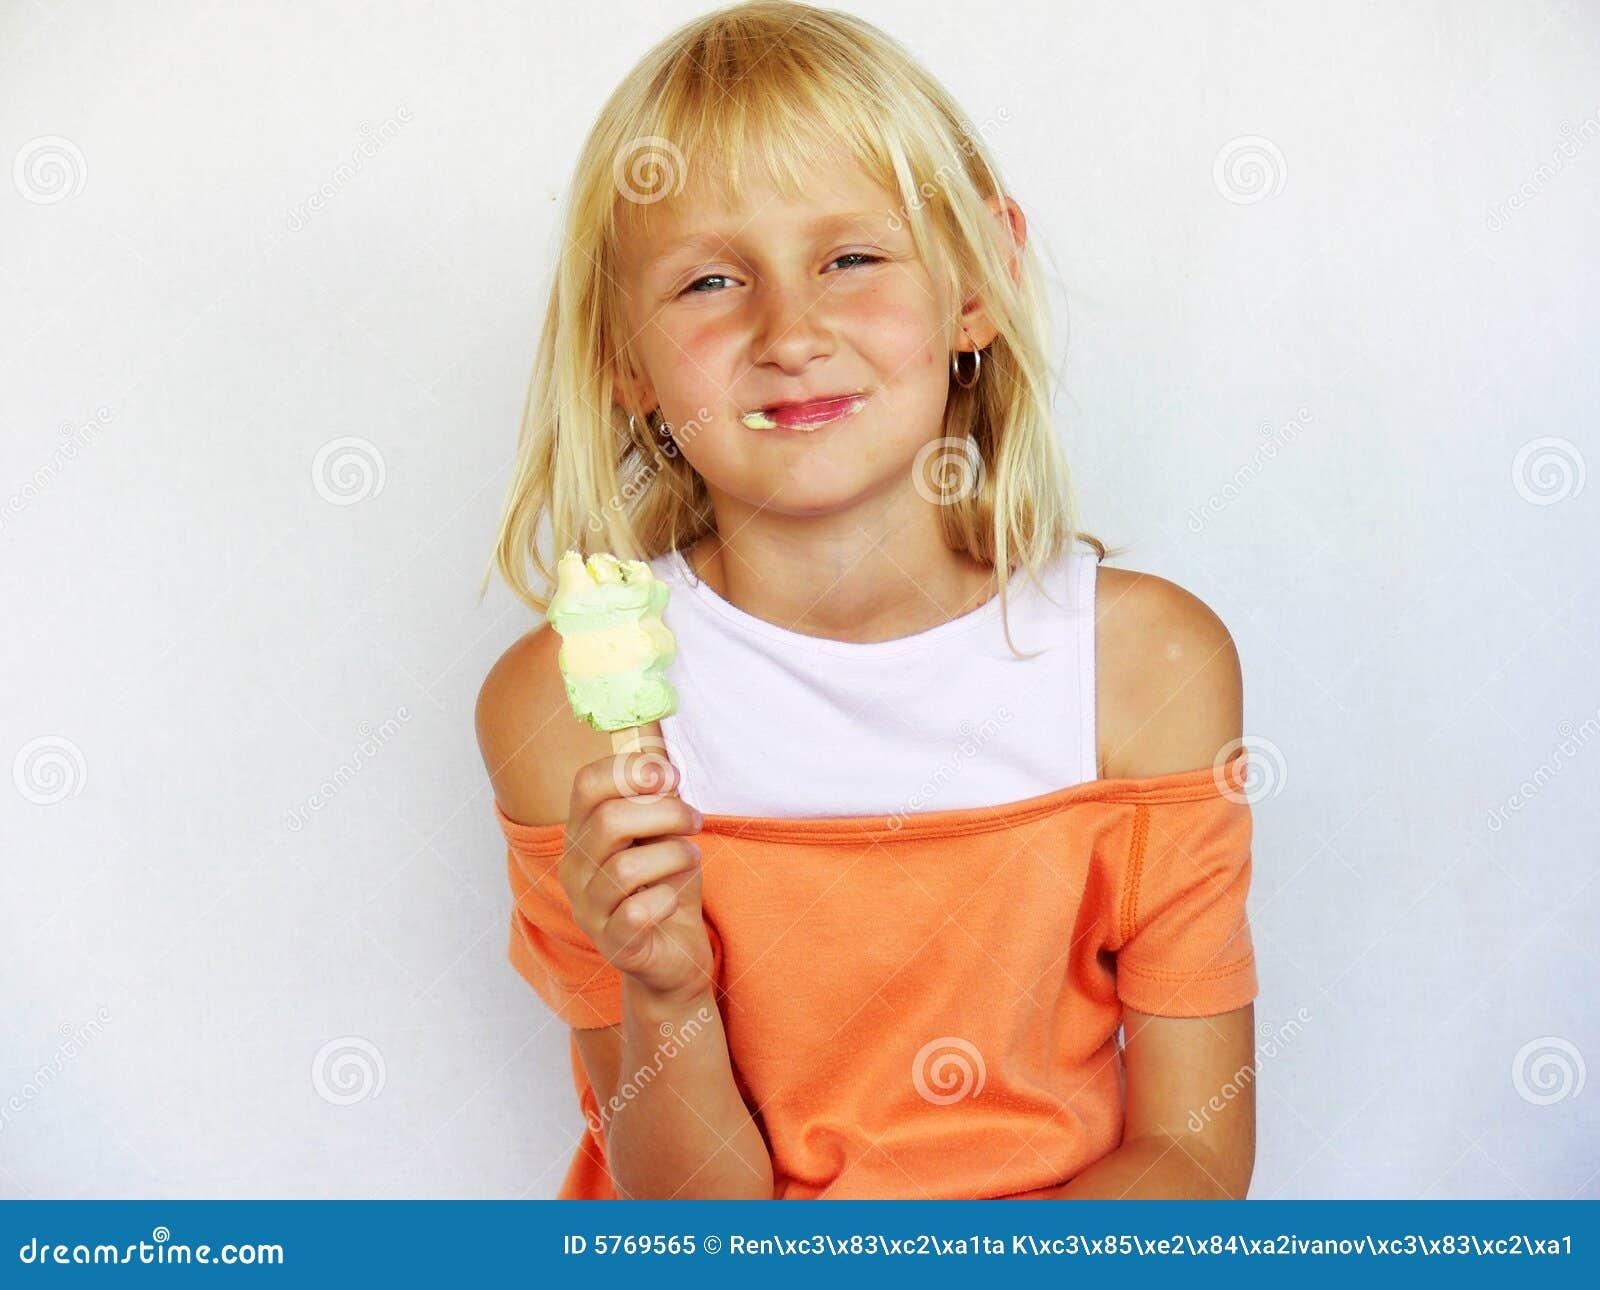 可爱的奶油色女孩冰